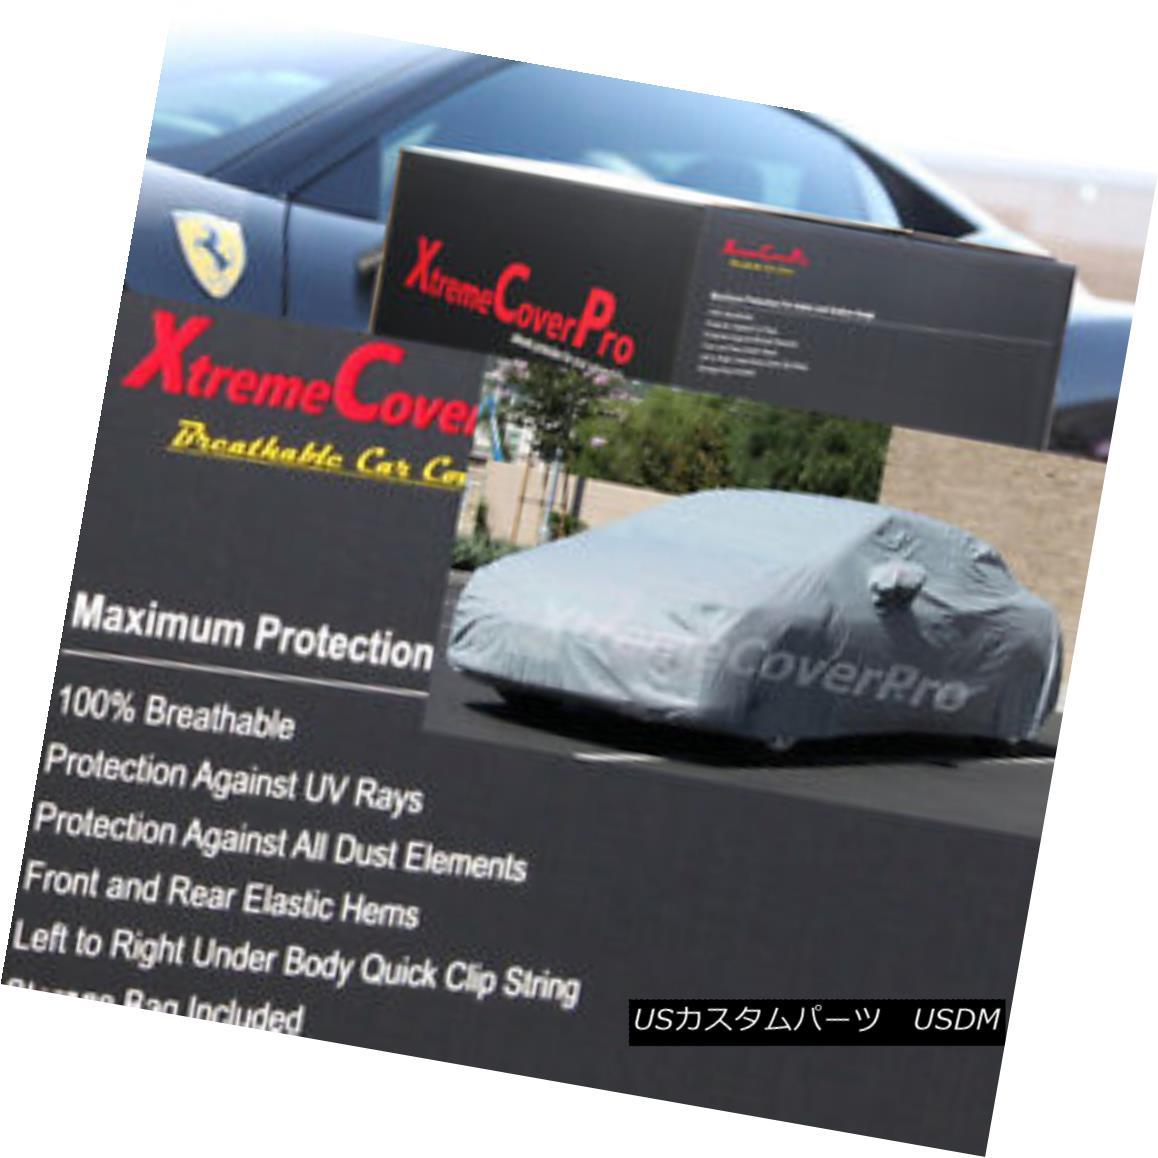 カーカバー 2014 Buick VERANO Breathable Car Cover w/ Mirror Pocket 2014ビュイックヴェラノ通気性の車カバー(ミラーポケット付)